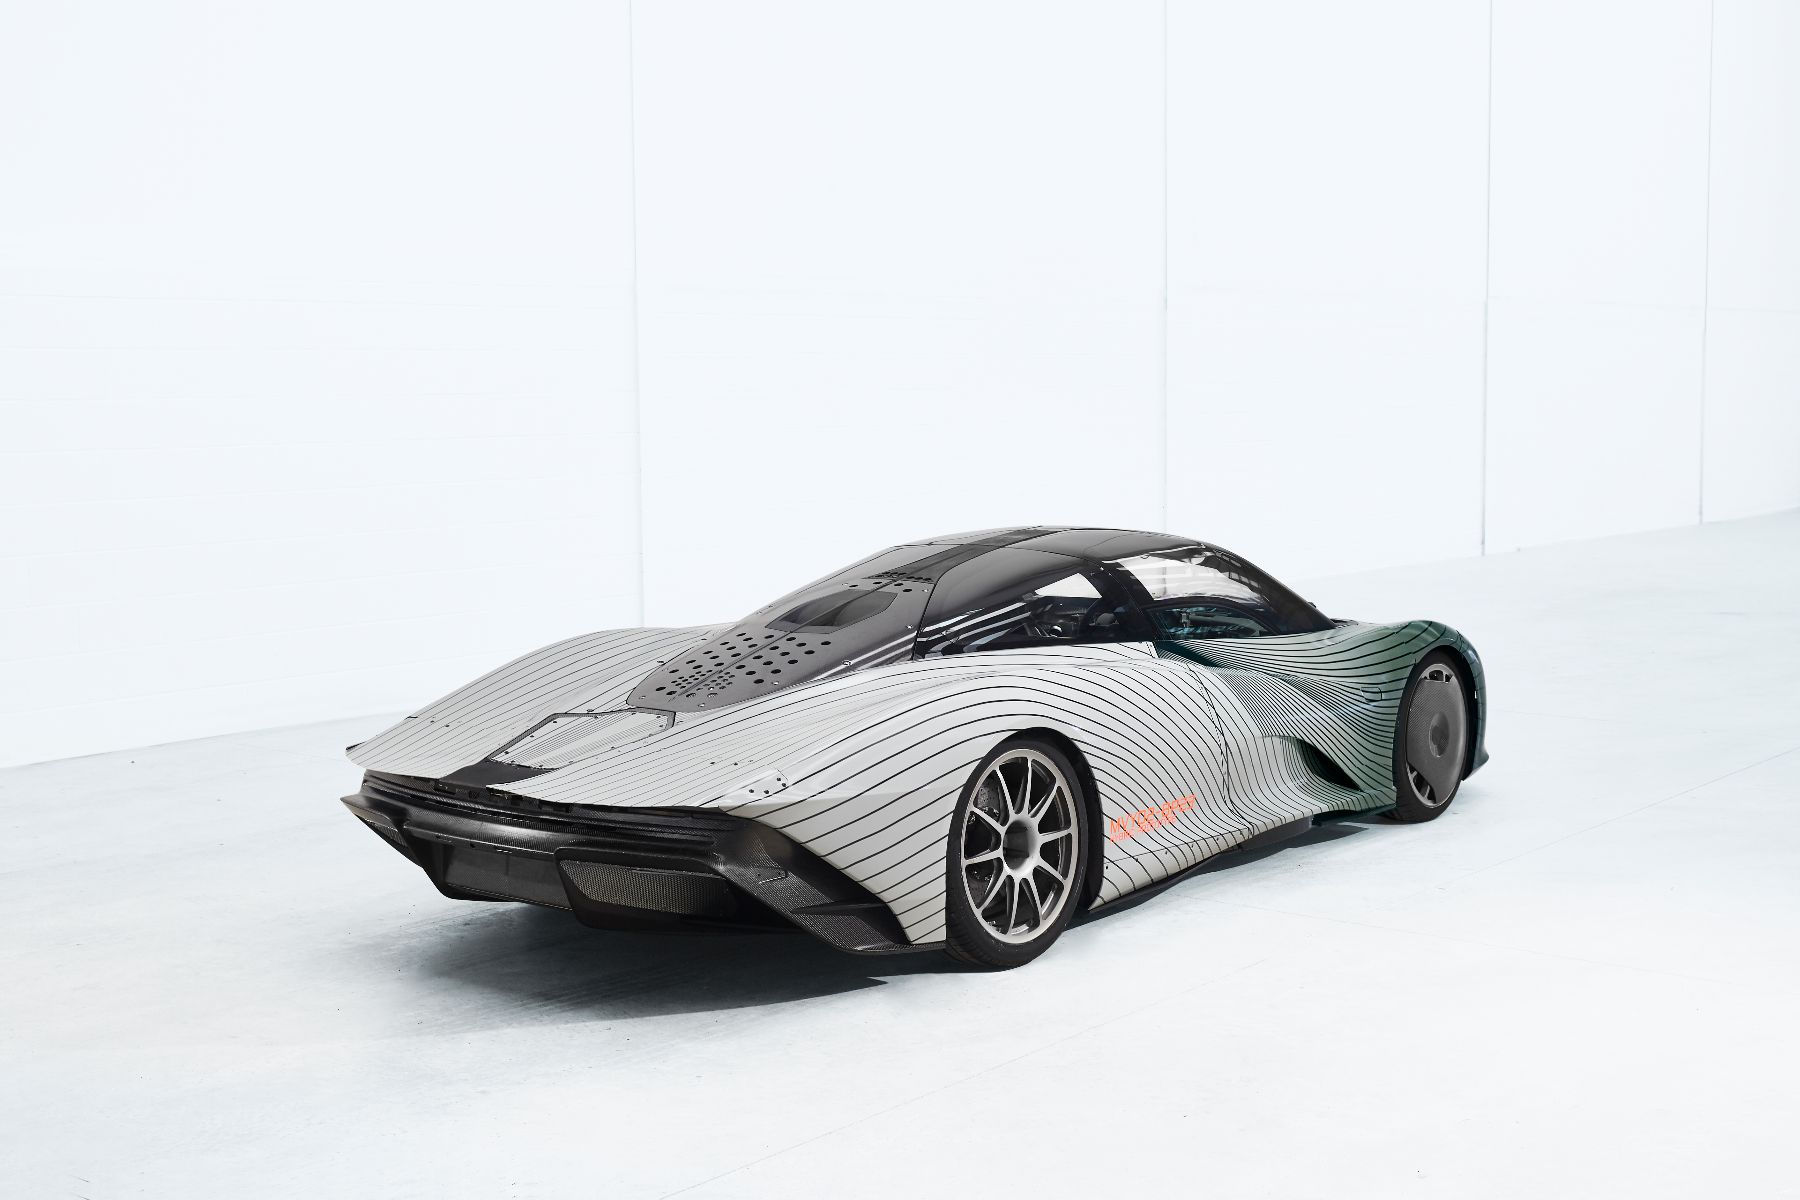 McLaren Speedtail Attribute Prototype - Albert_image 03